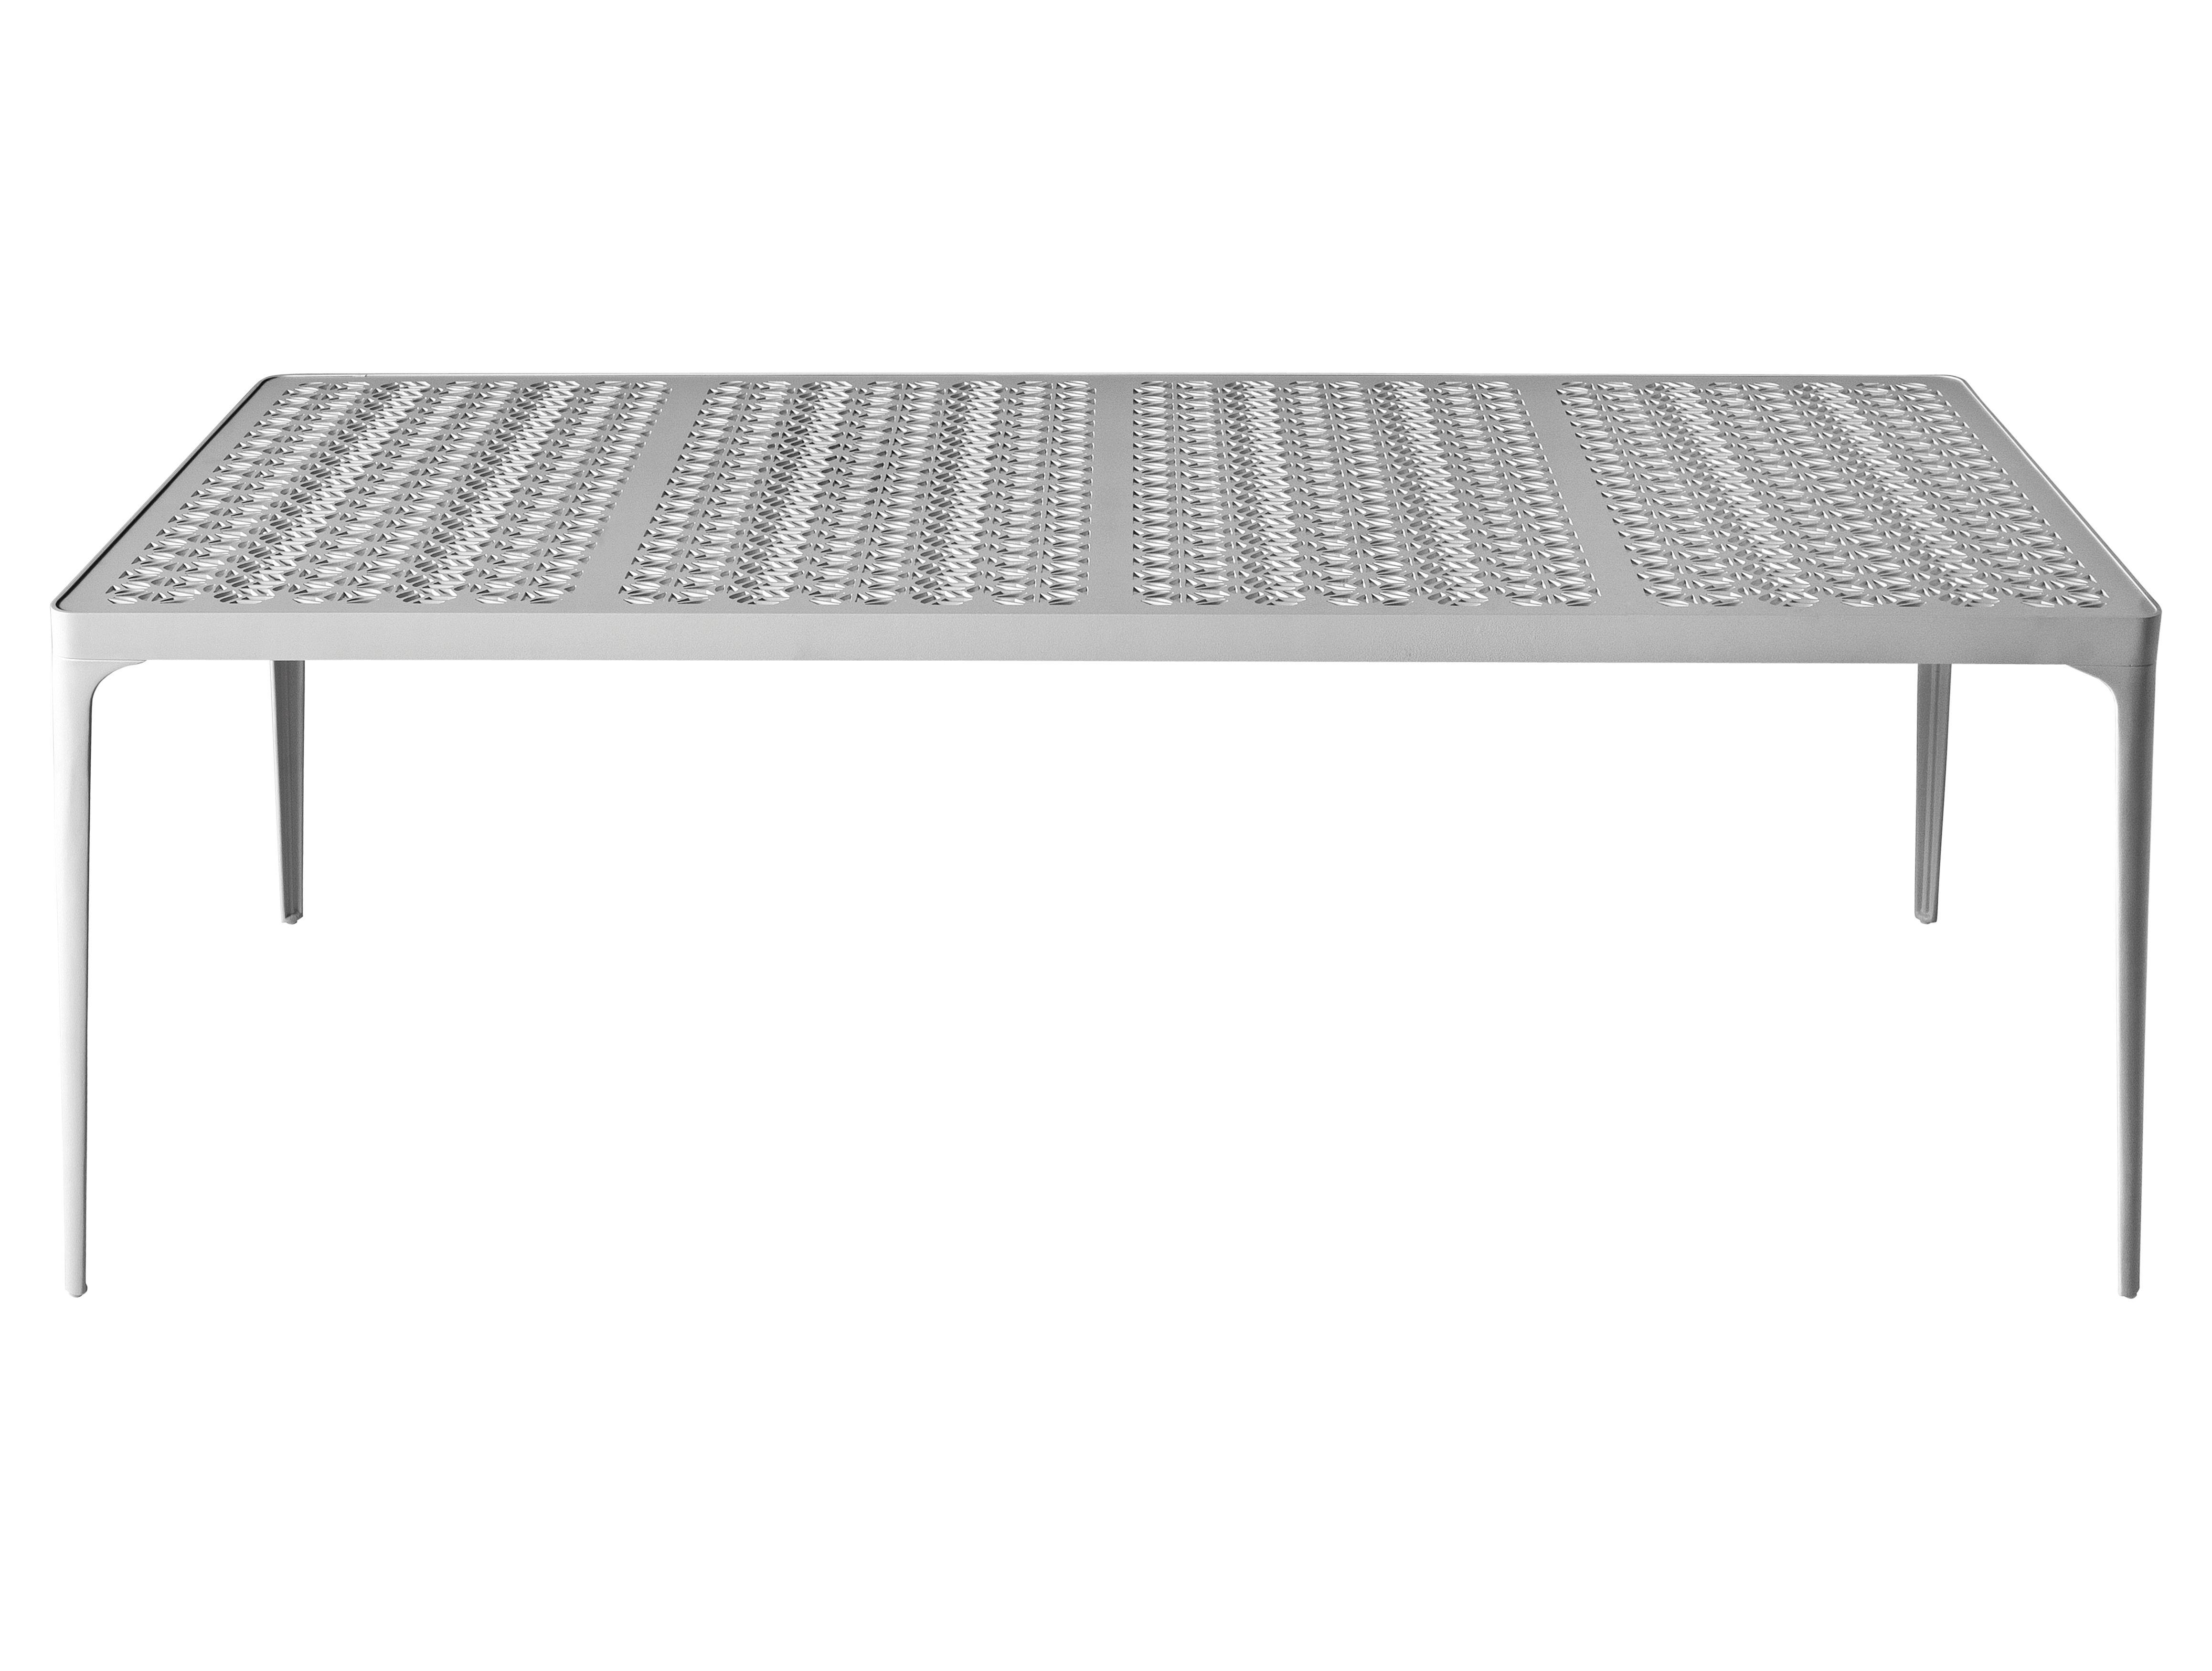 Outdoor - Tables de jardin - Table rectangulaire Sunrise / 200 x 80 cm - Driade - Blanc - 200 x 80 cm - Aluminium laqué